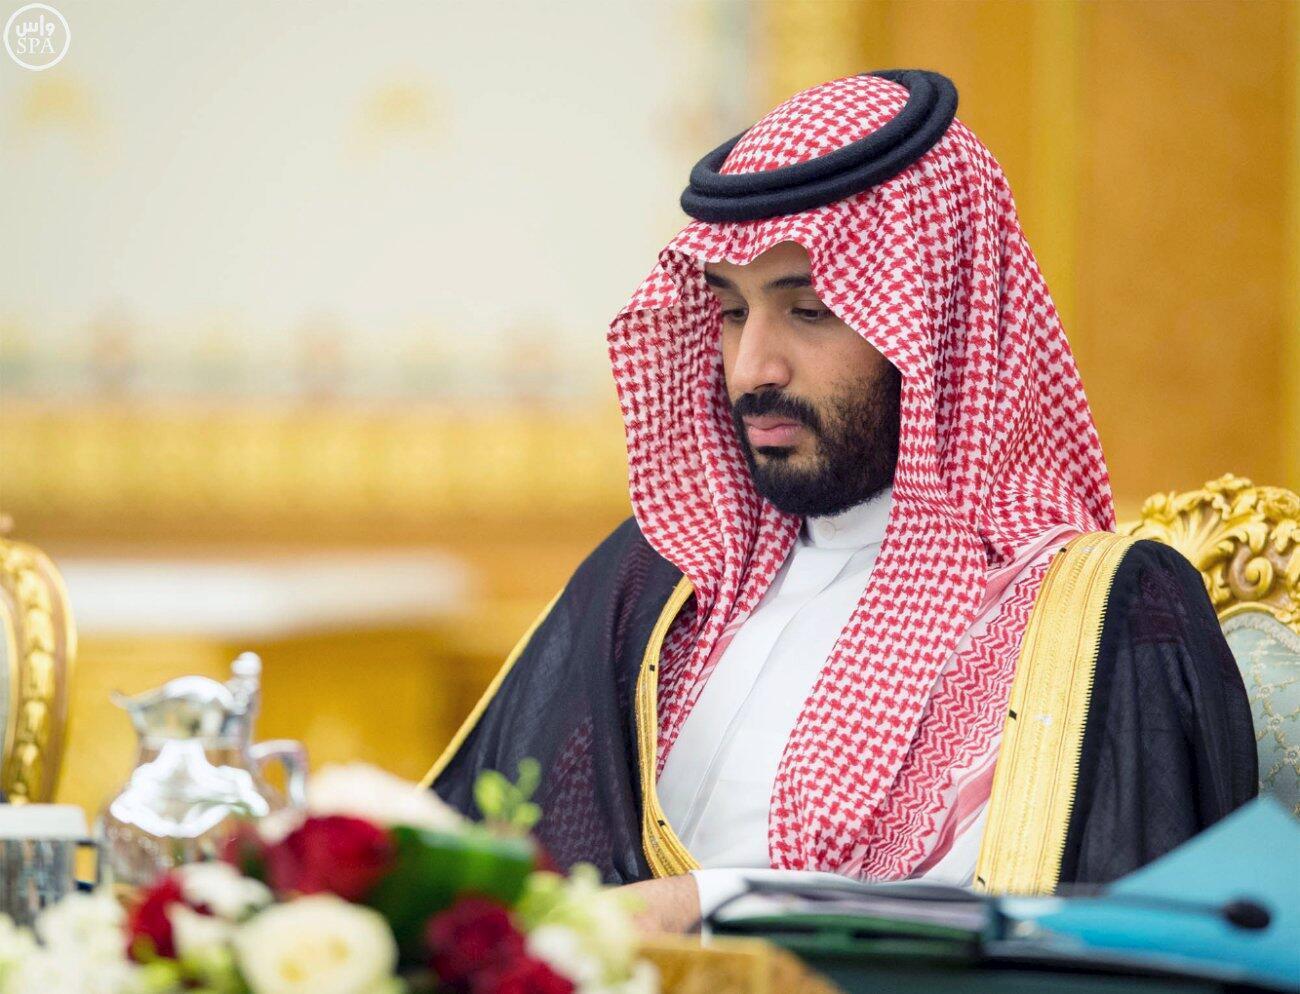 """Ả Rập Xê Út thời """"hậu dầu hỏa"""" trong tay hoàng tử M. ben Salman."""